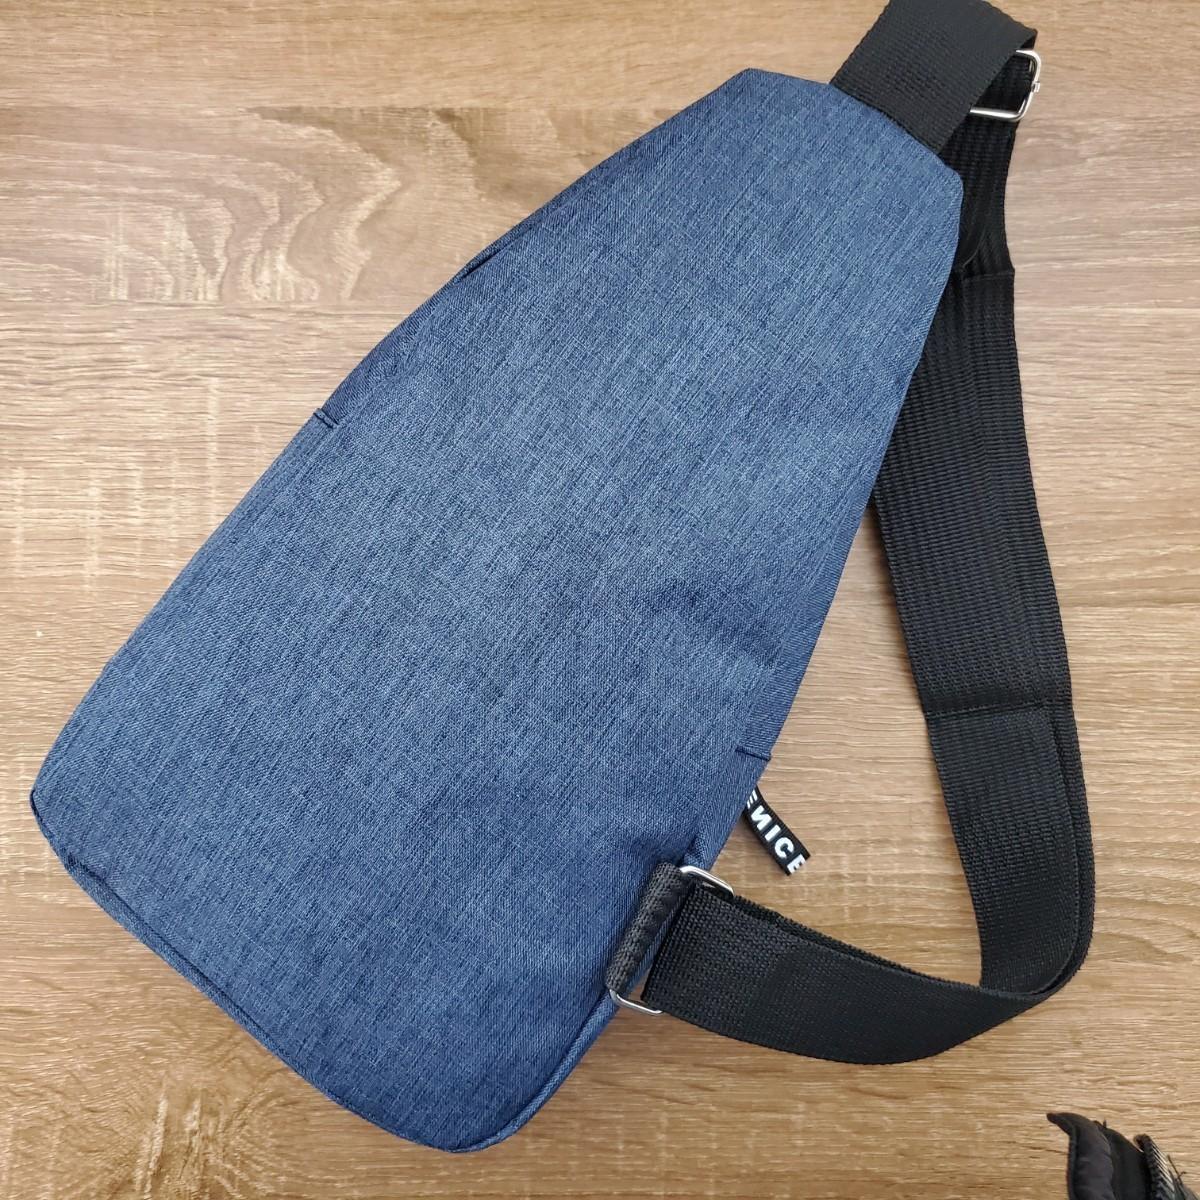 ボディバッグ ショルダーバッグ ワンショルダーバッグ 斜め掛けバッグ メンズバッグ